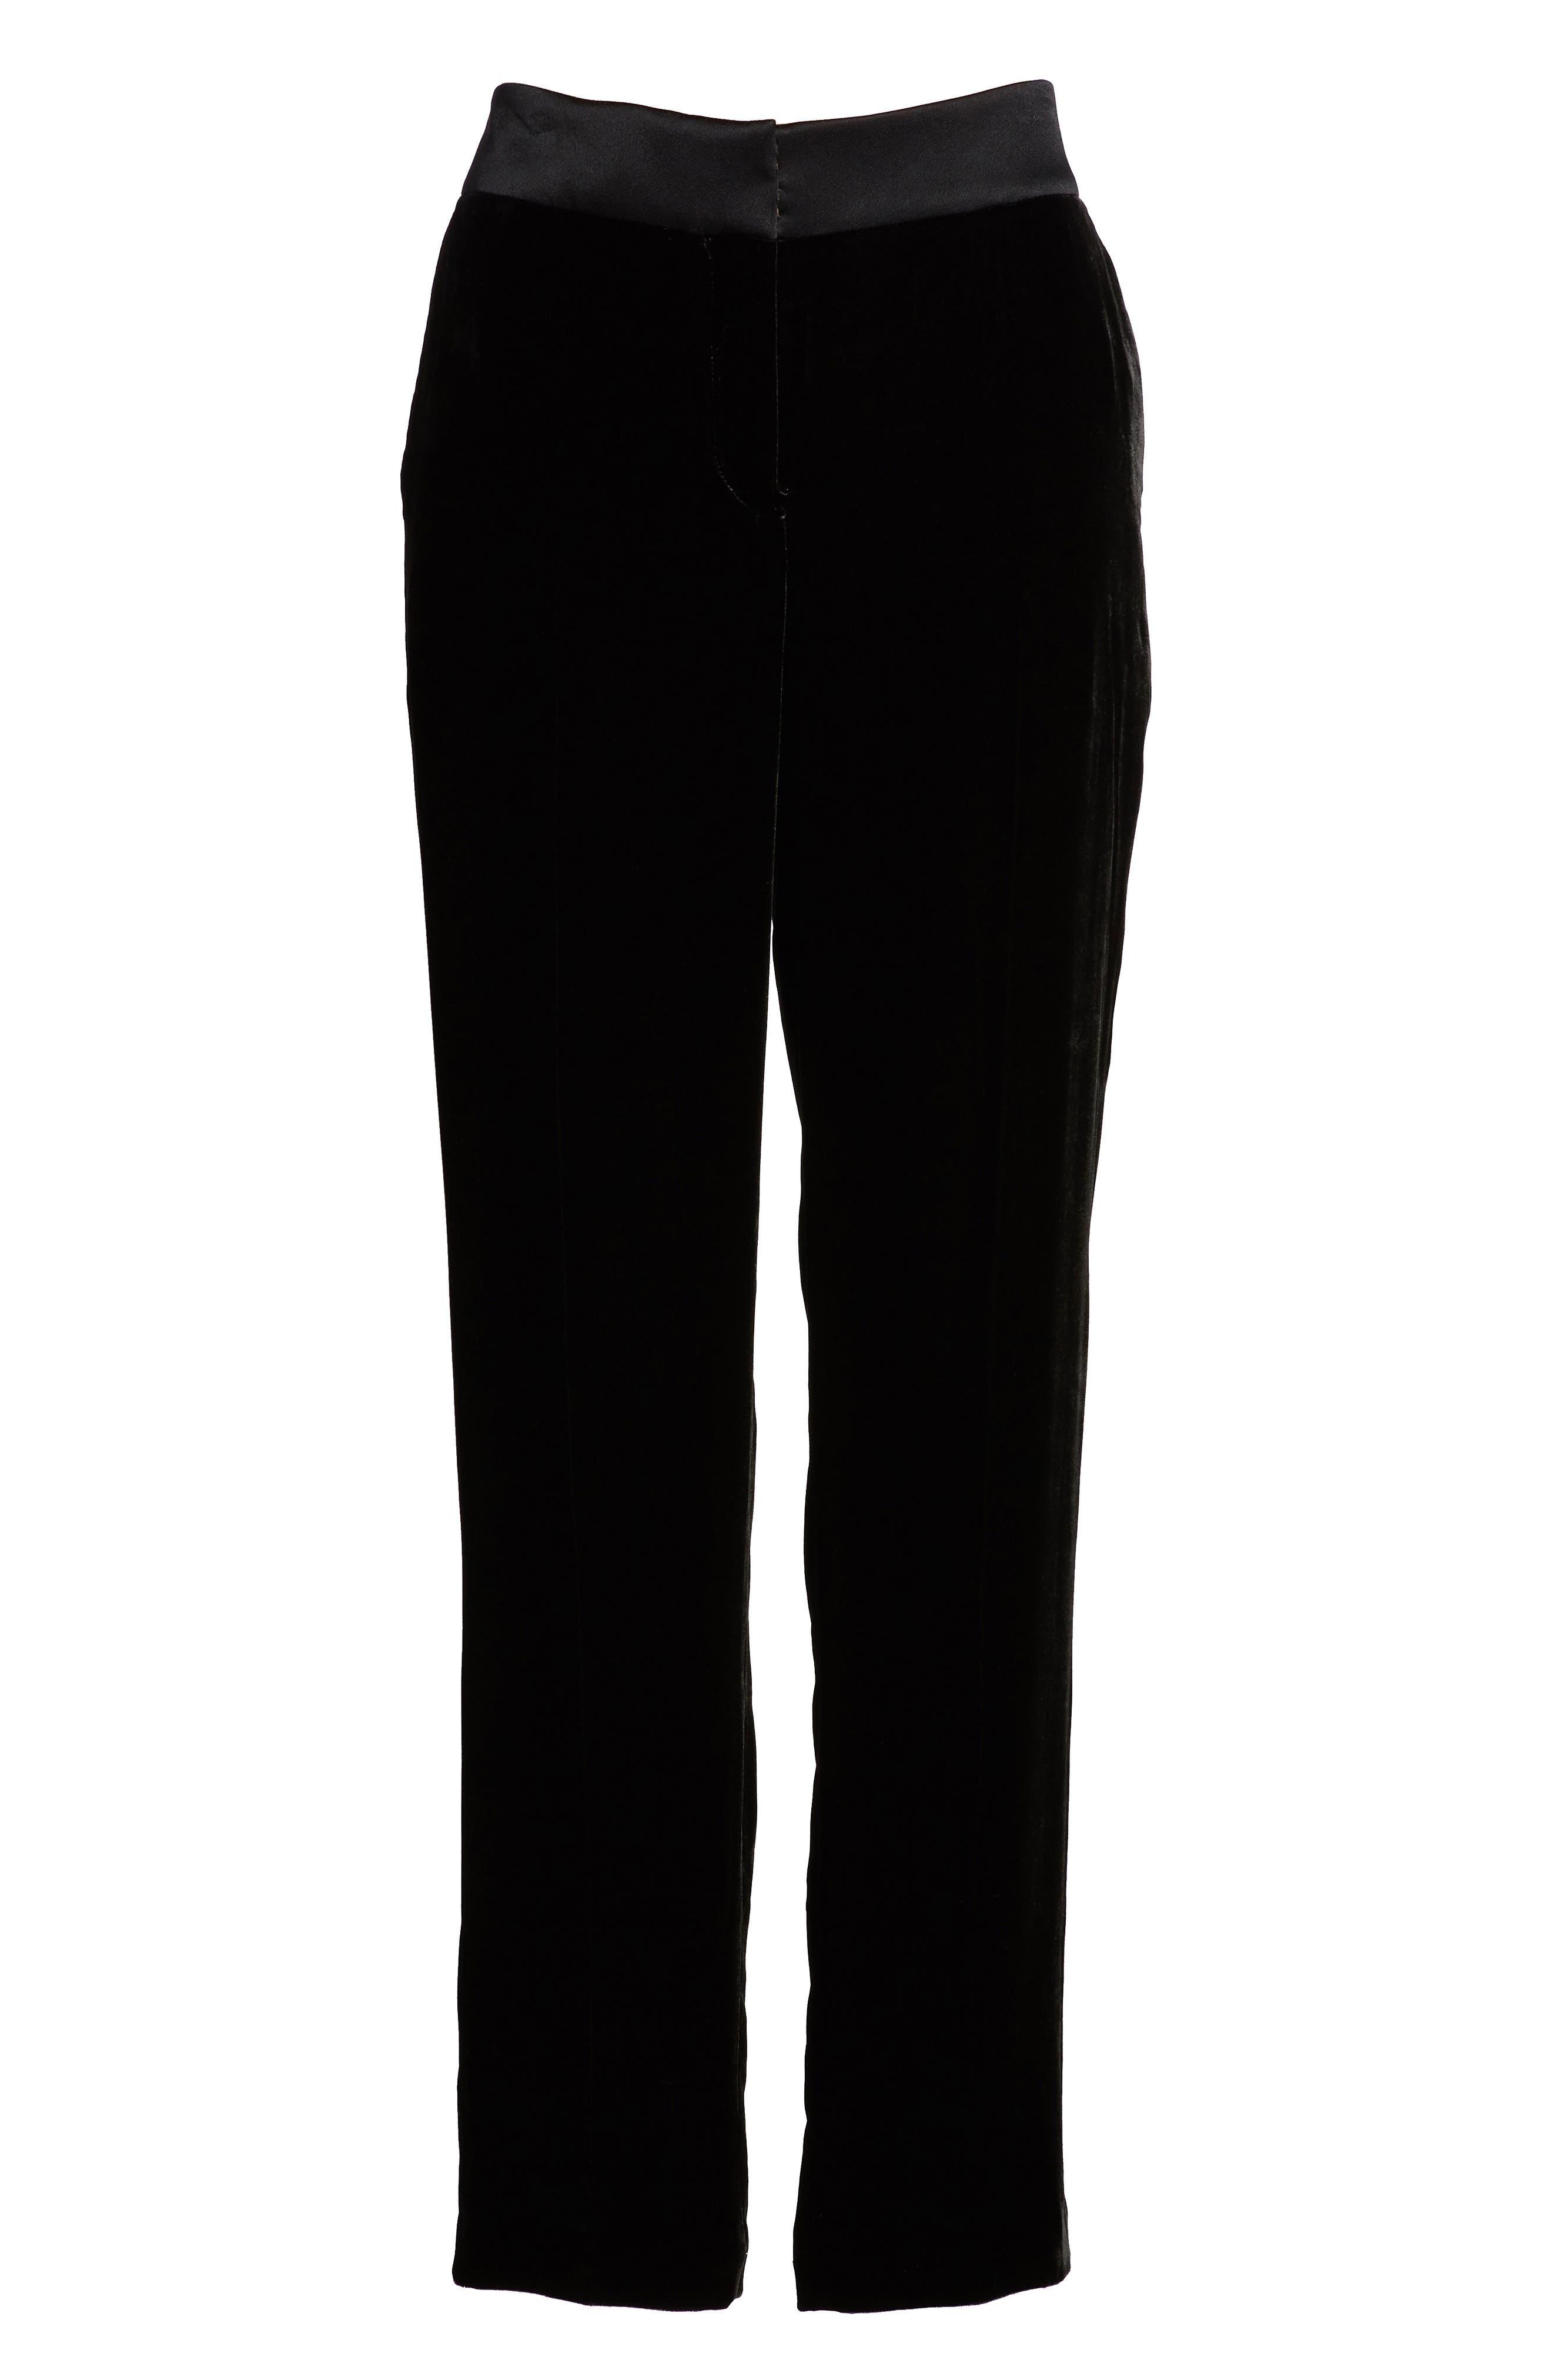 Tolesa Straight Leg Velvet Pants,                             Alternate thumbnail 6, color,                             Black